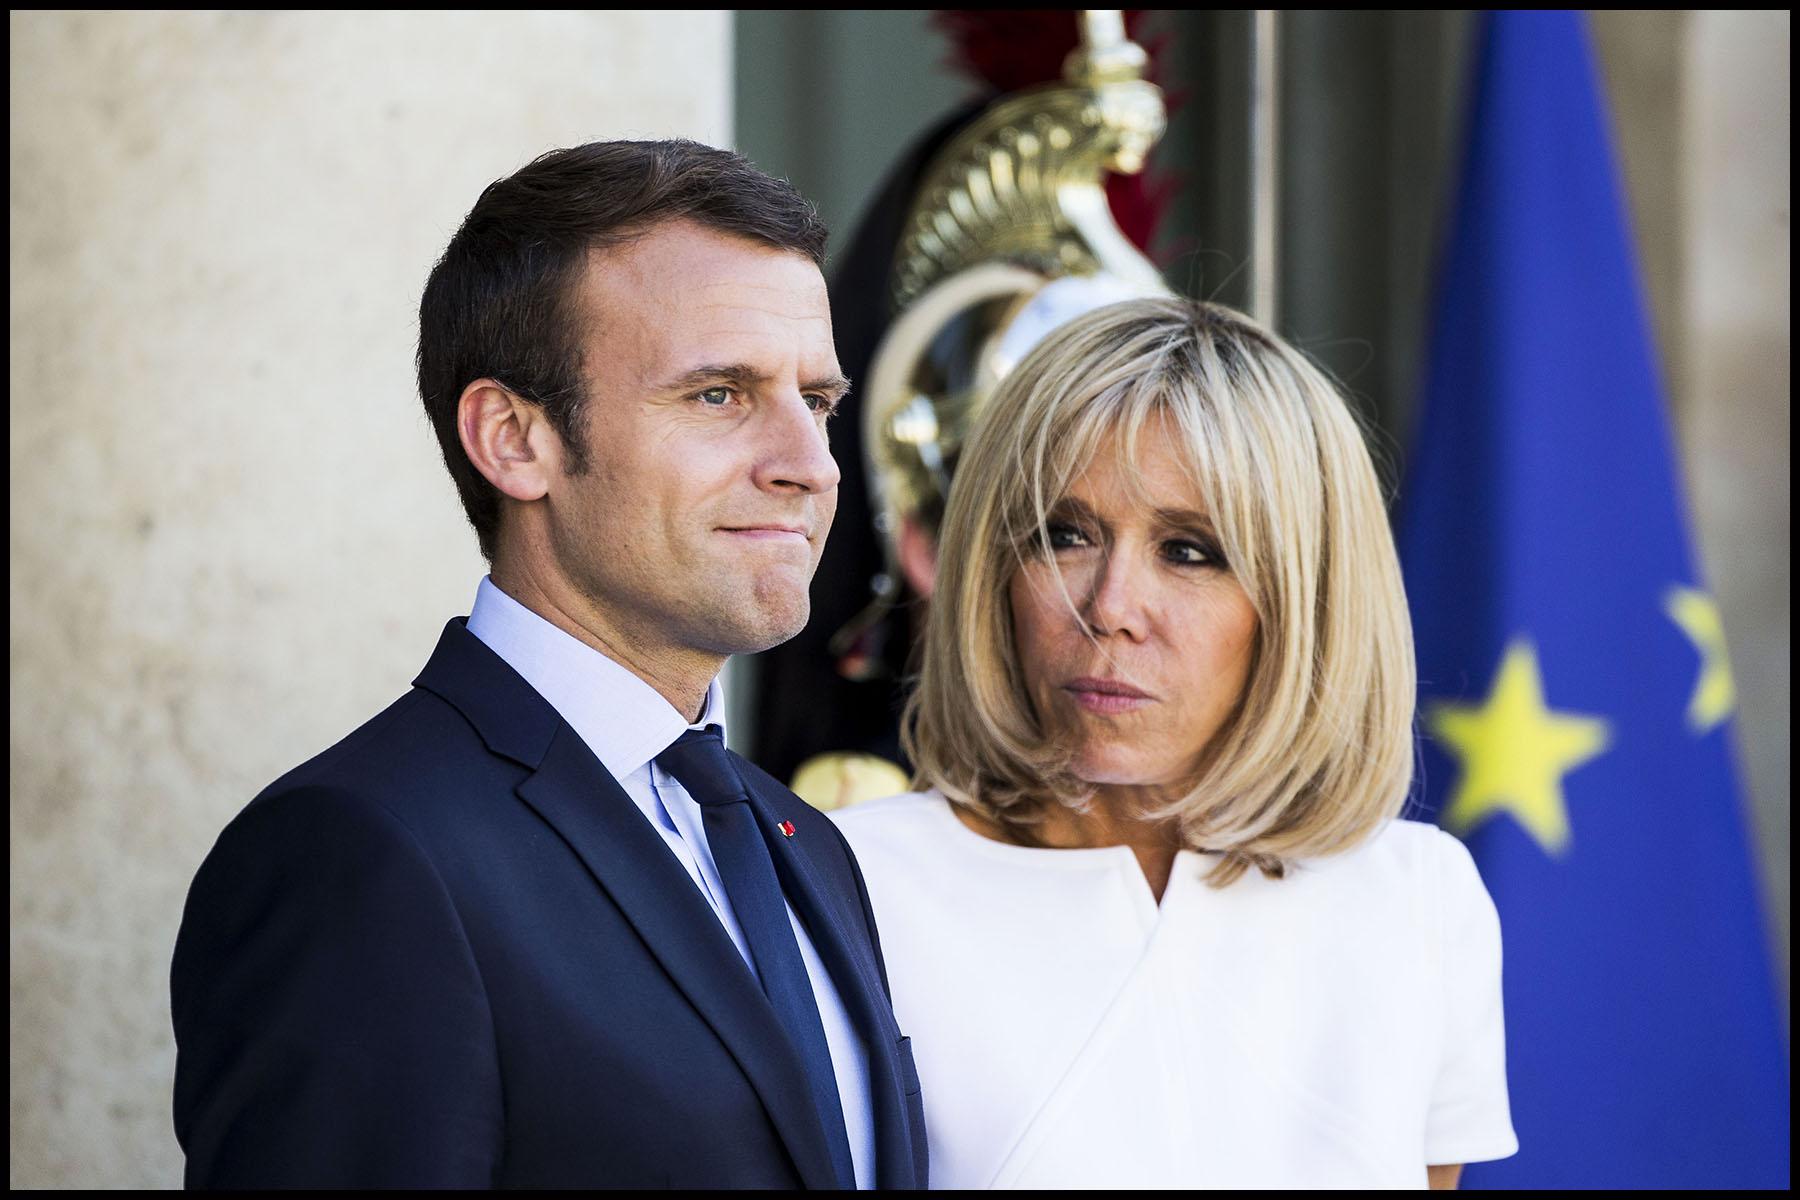 Le président Emmanuel MACRON et son épouse Brigitte sur le perron de l'Elysée.